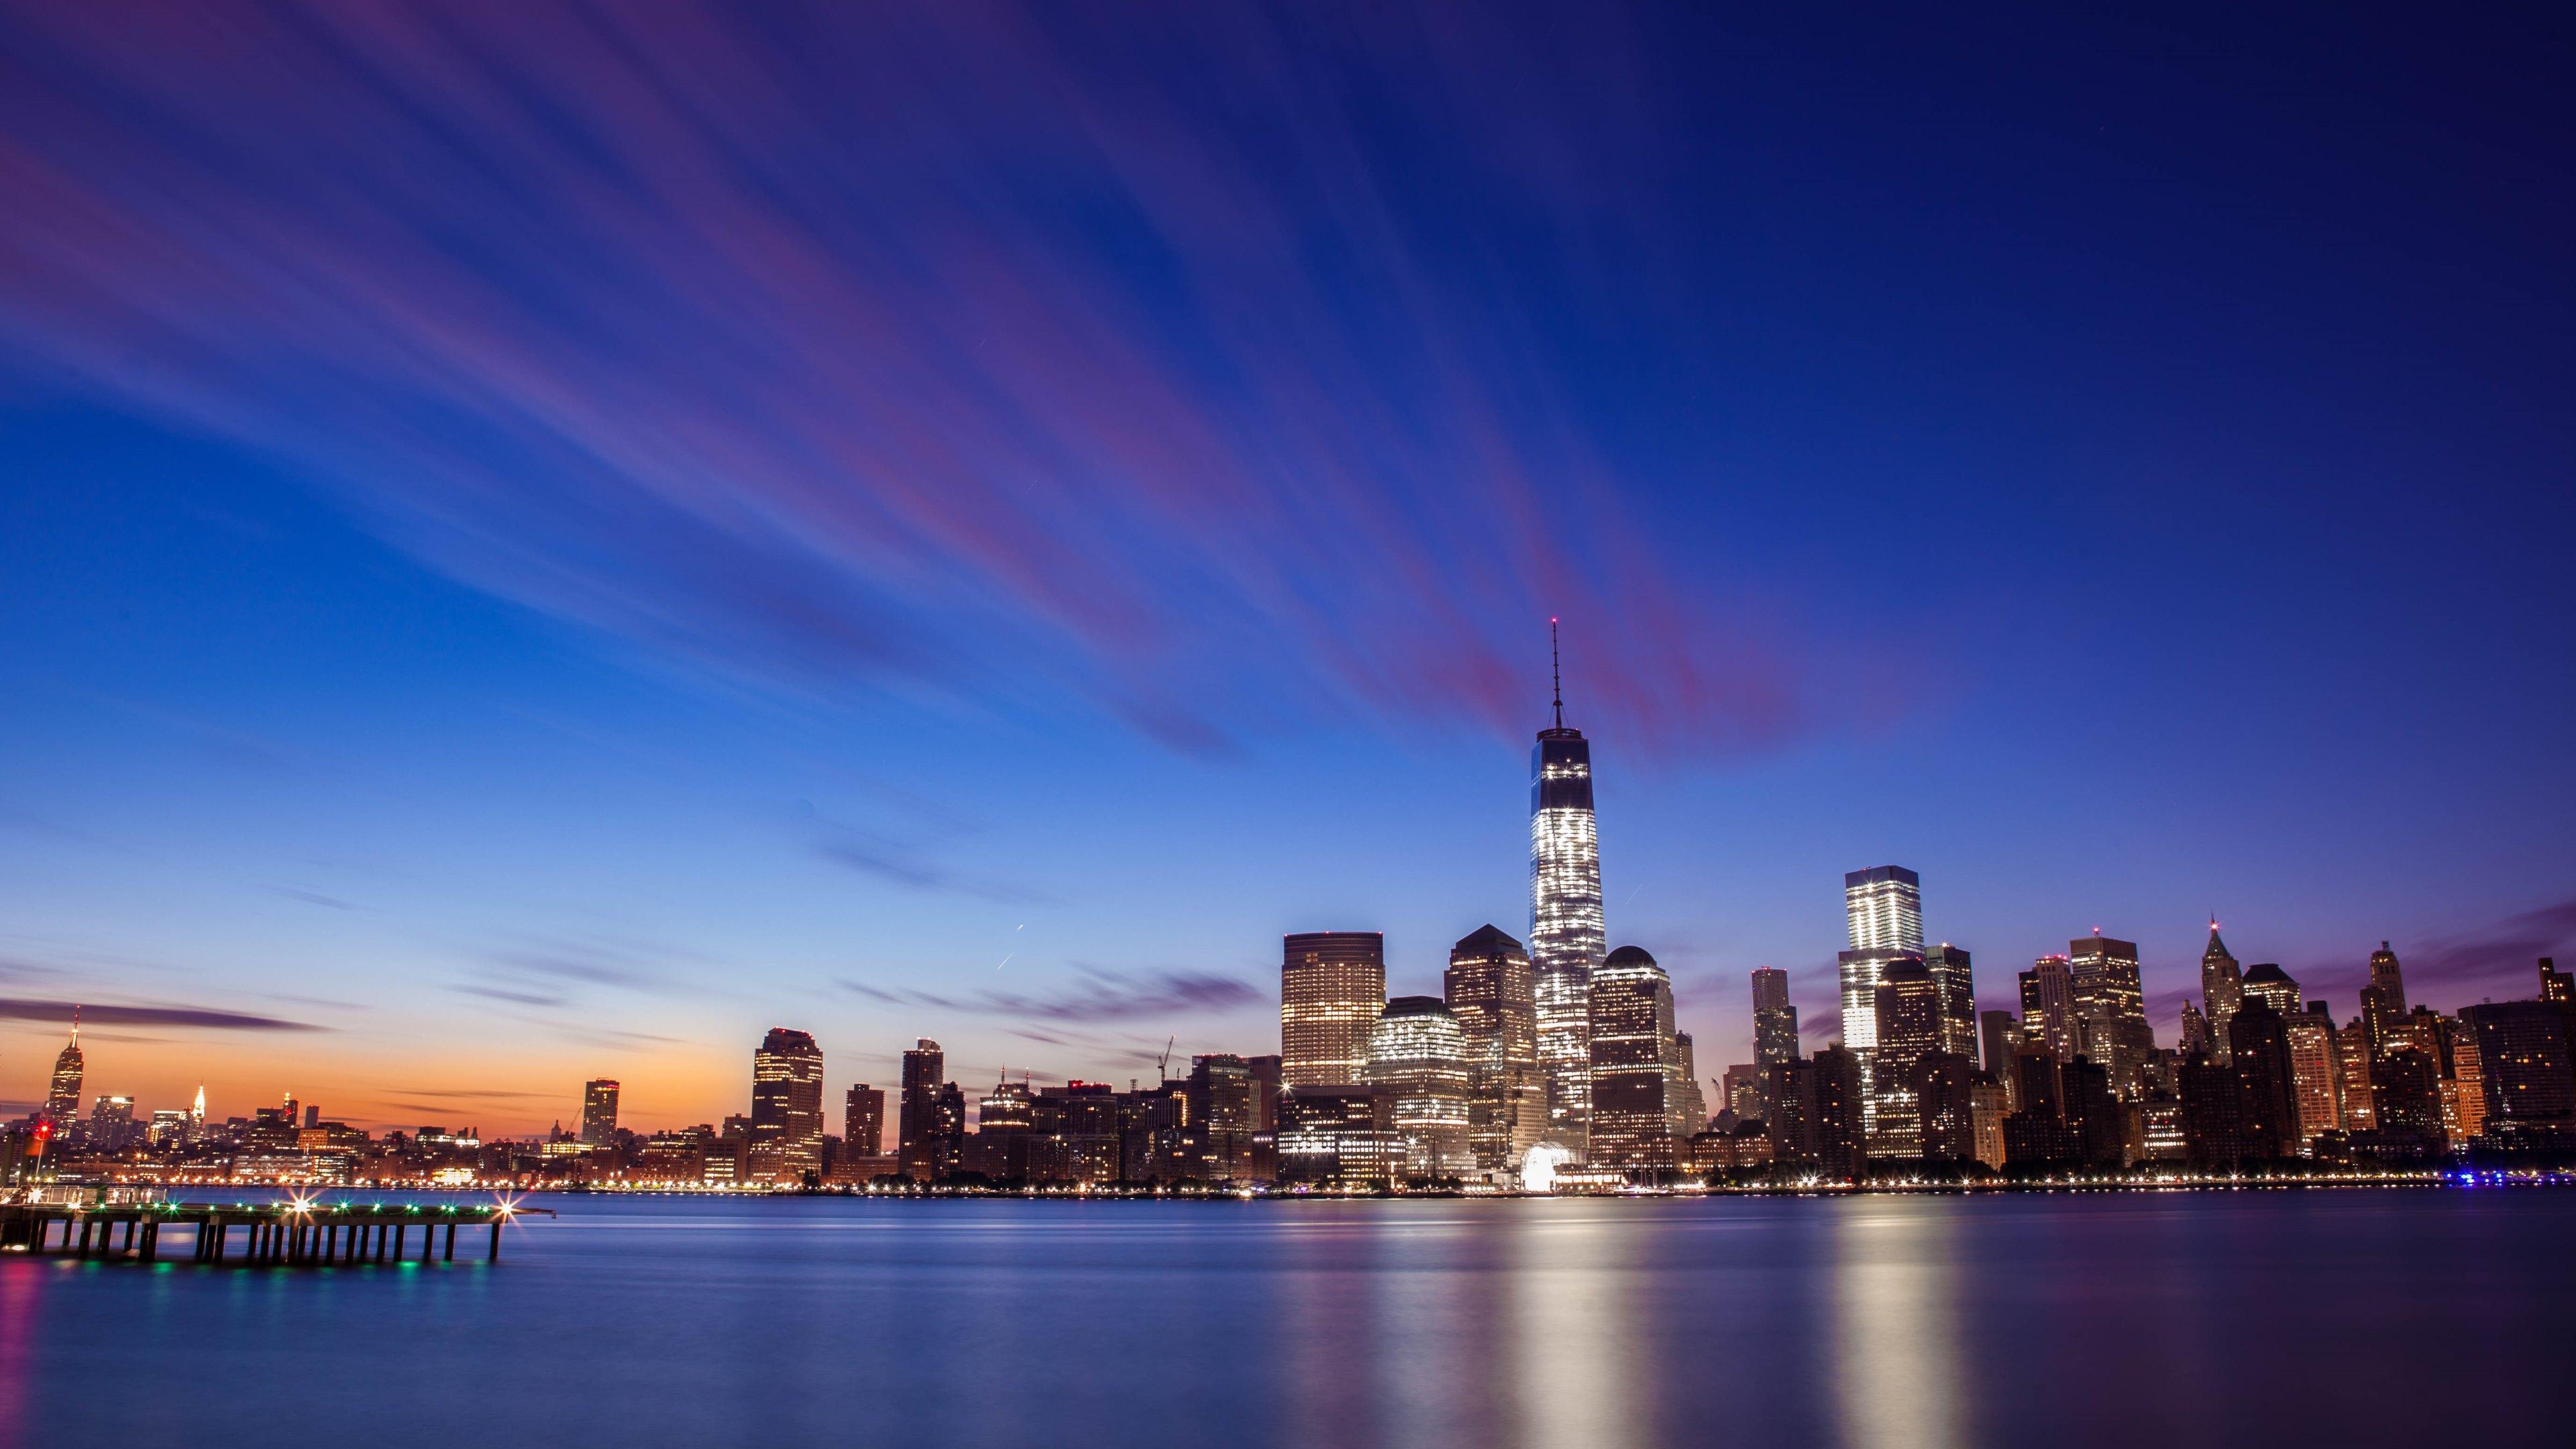 New York City Skyline Wallpaper 4K